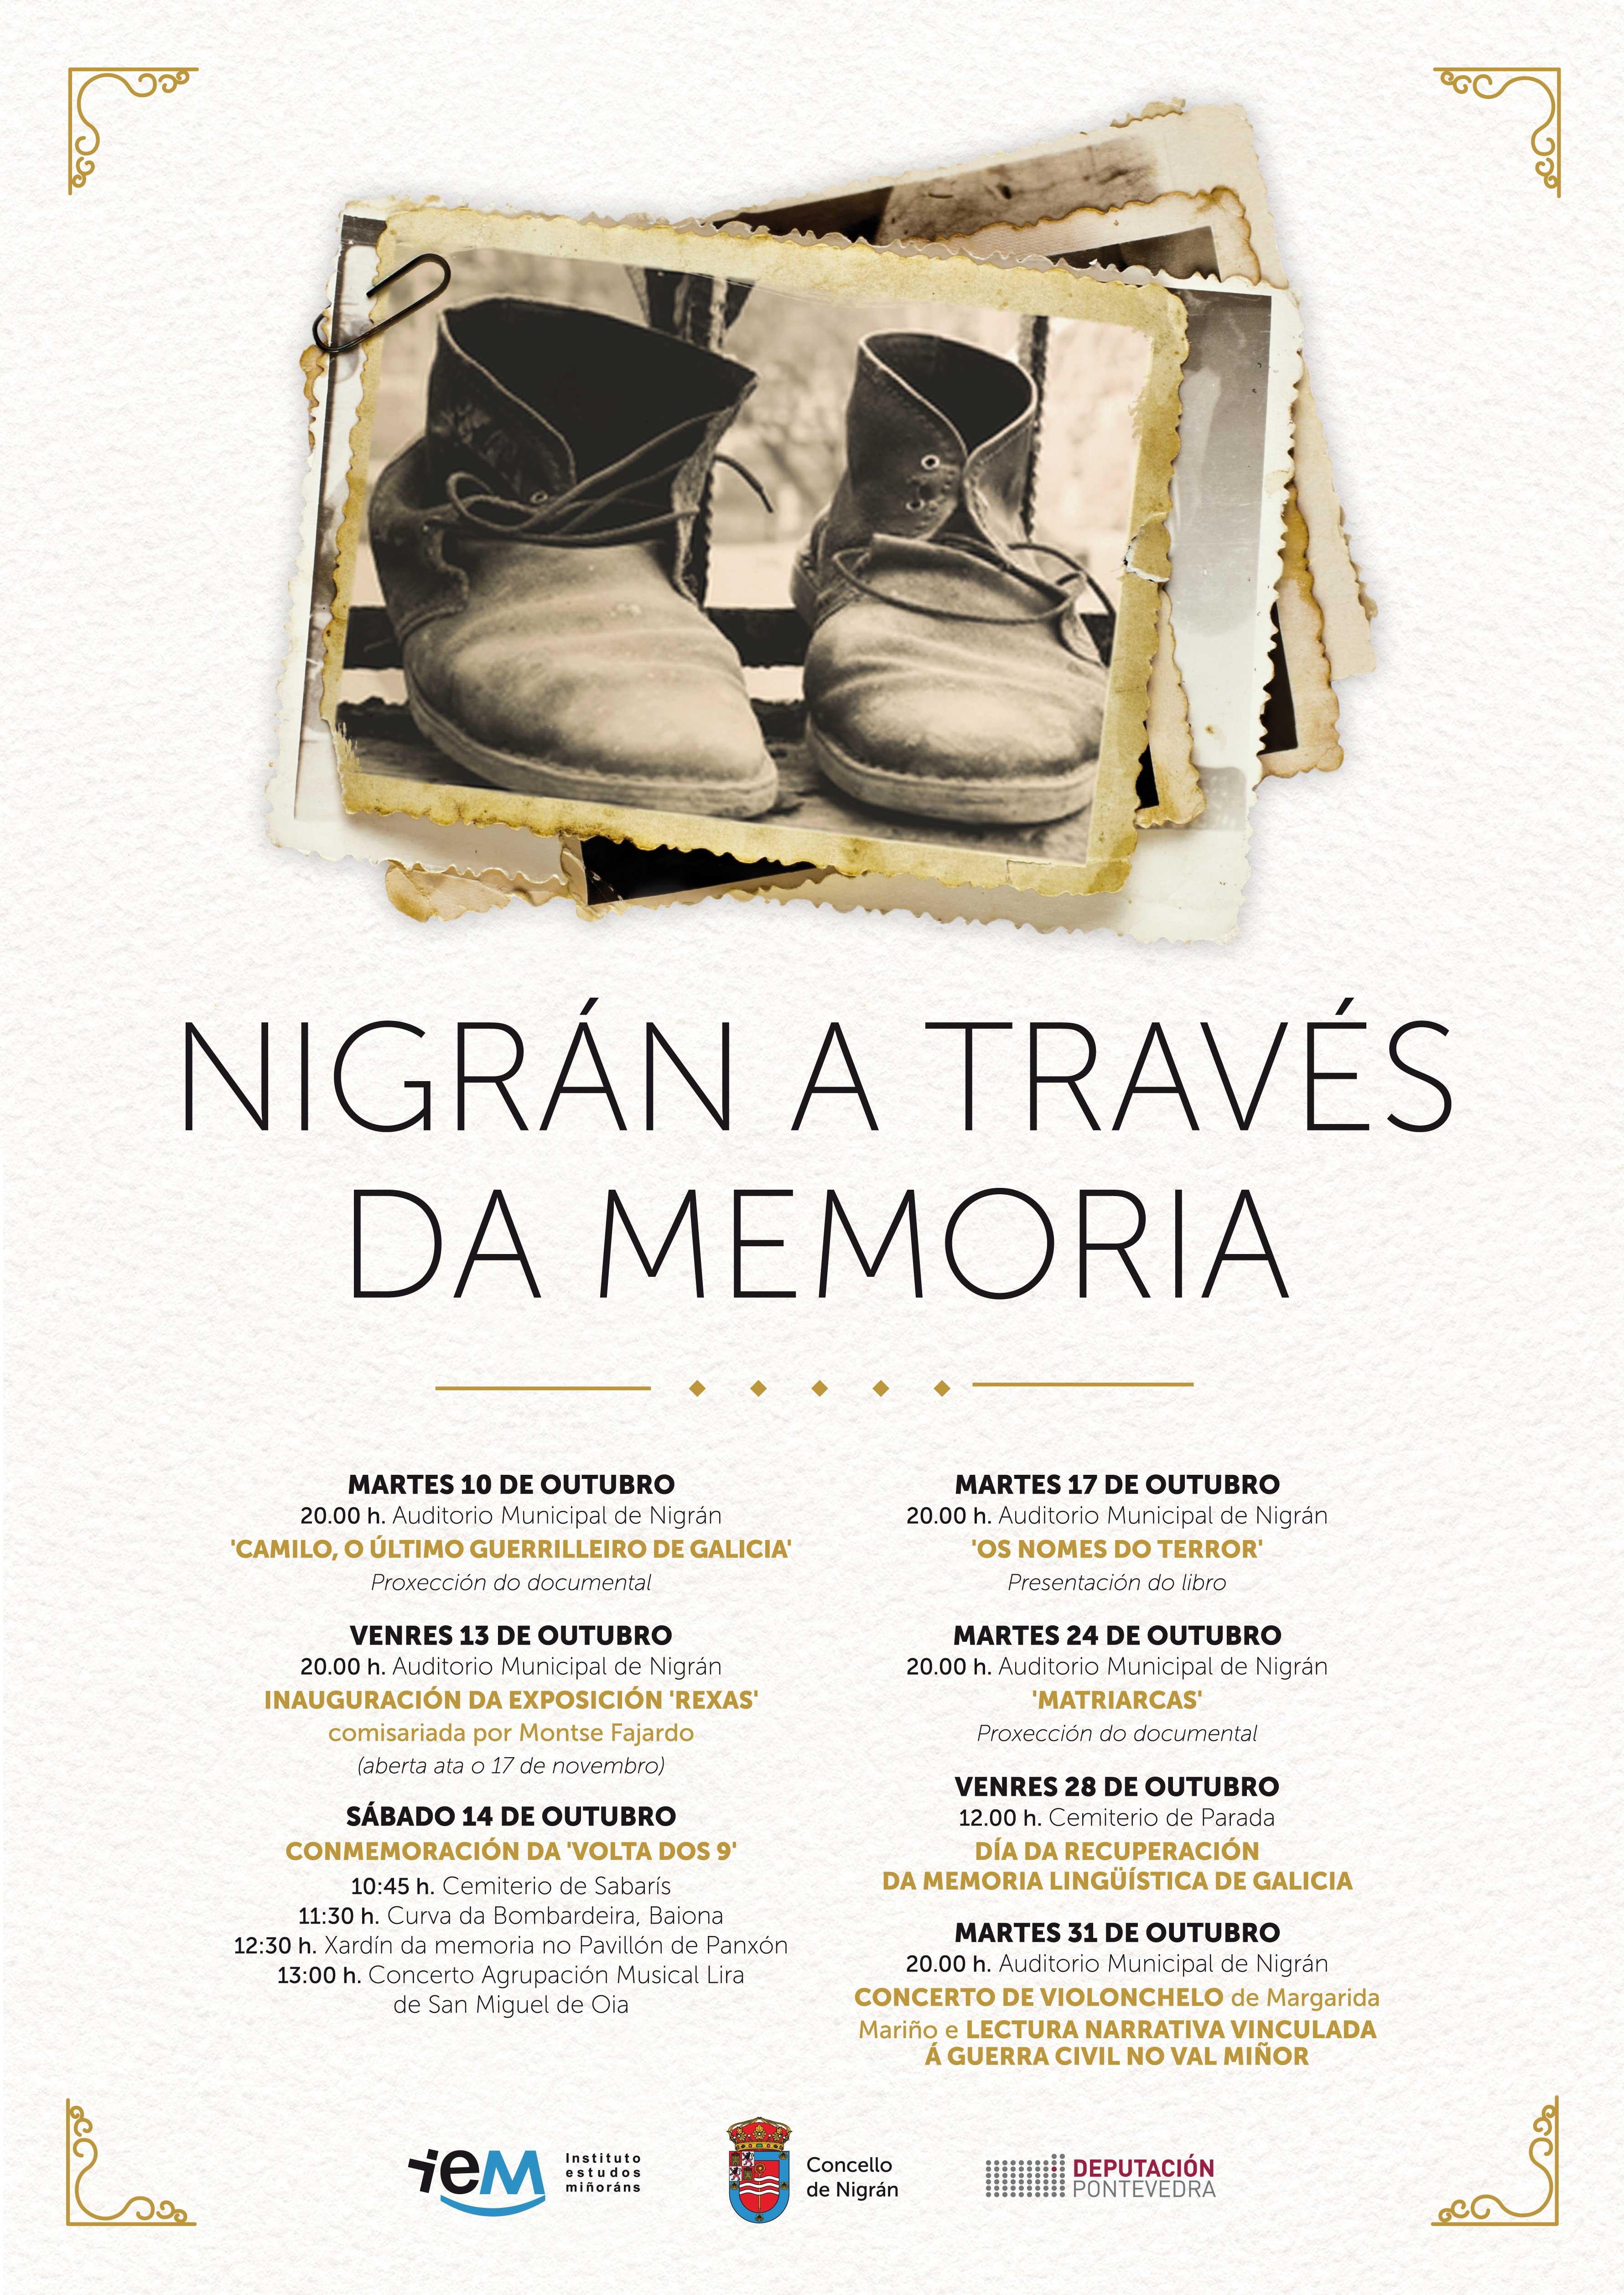 NIGRÁN A TRAVÉS DA MEMORIA